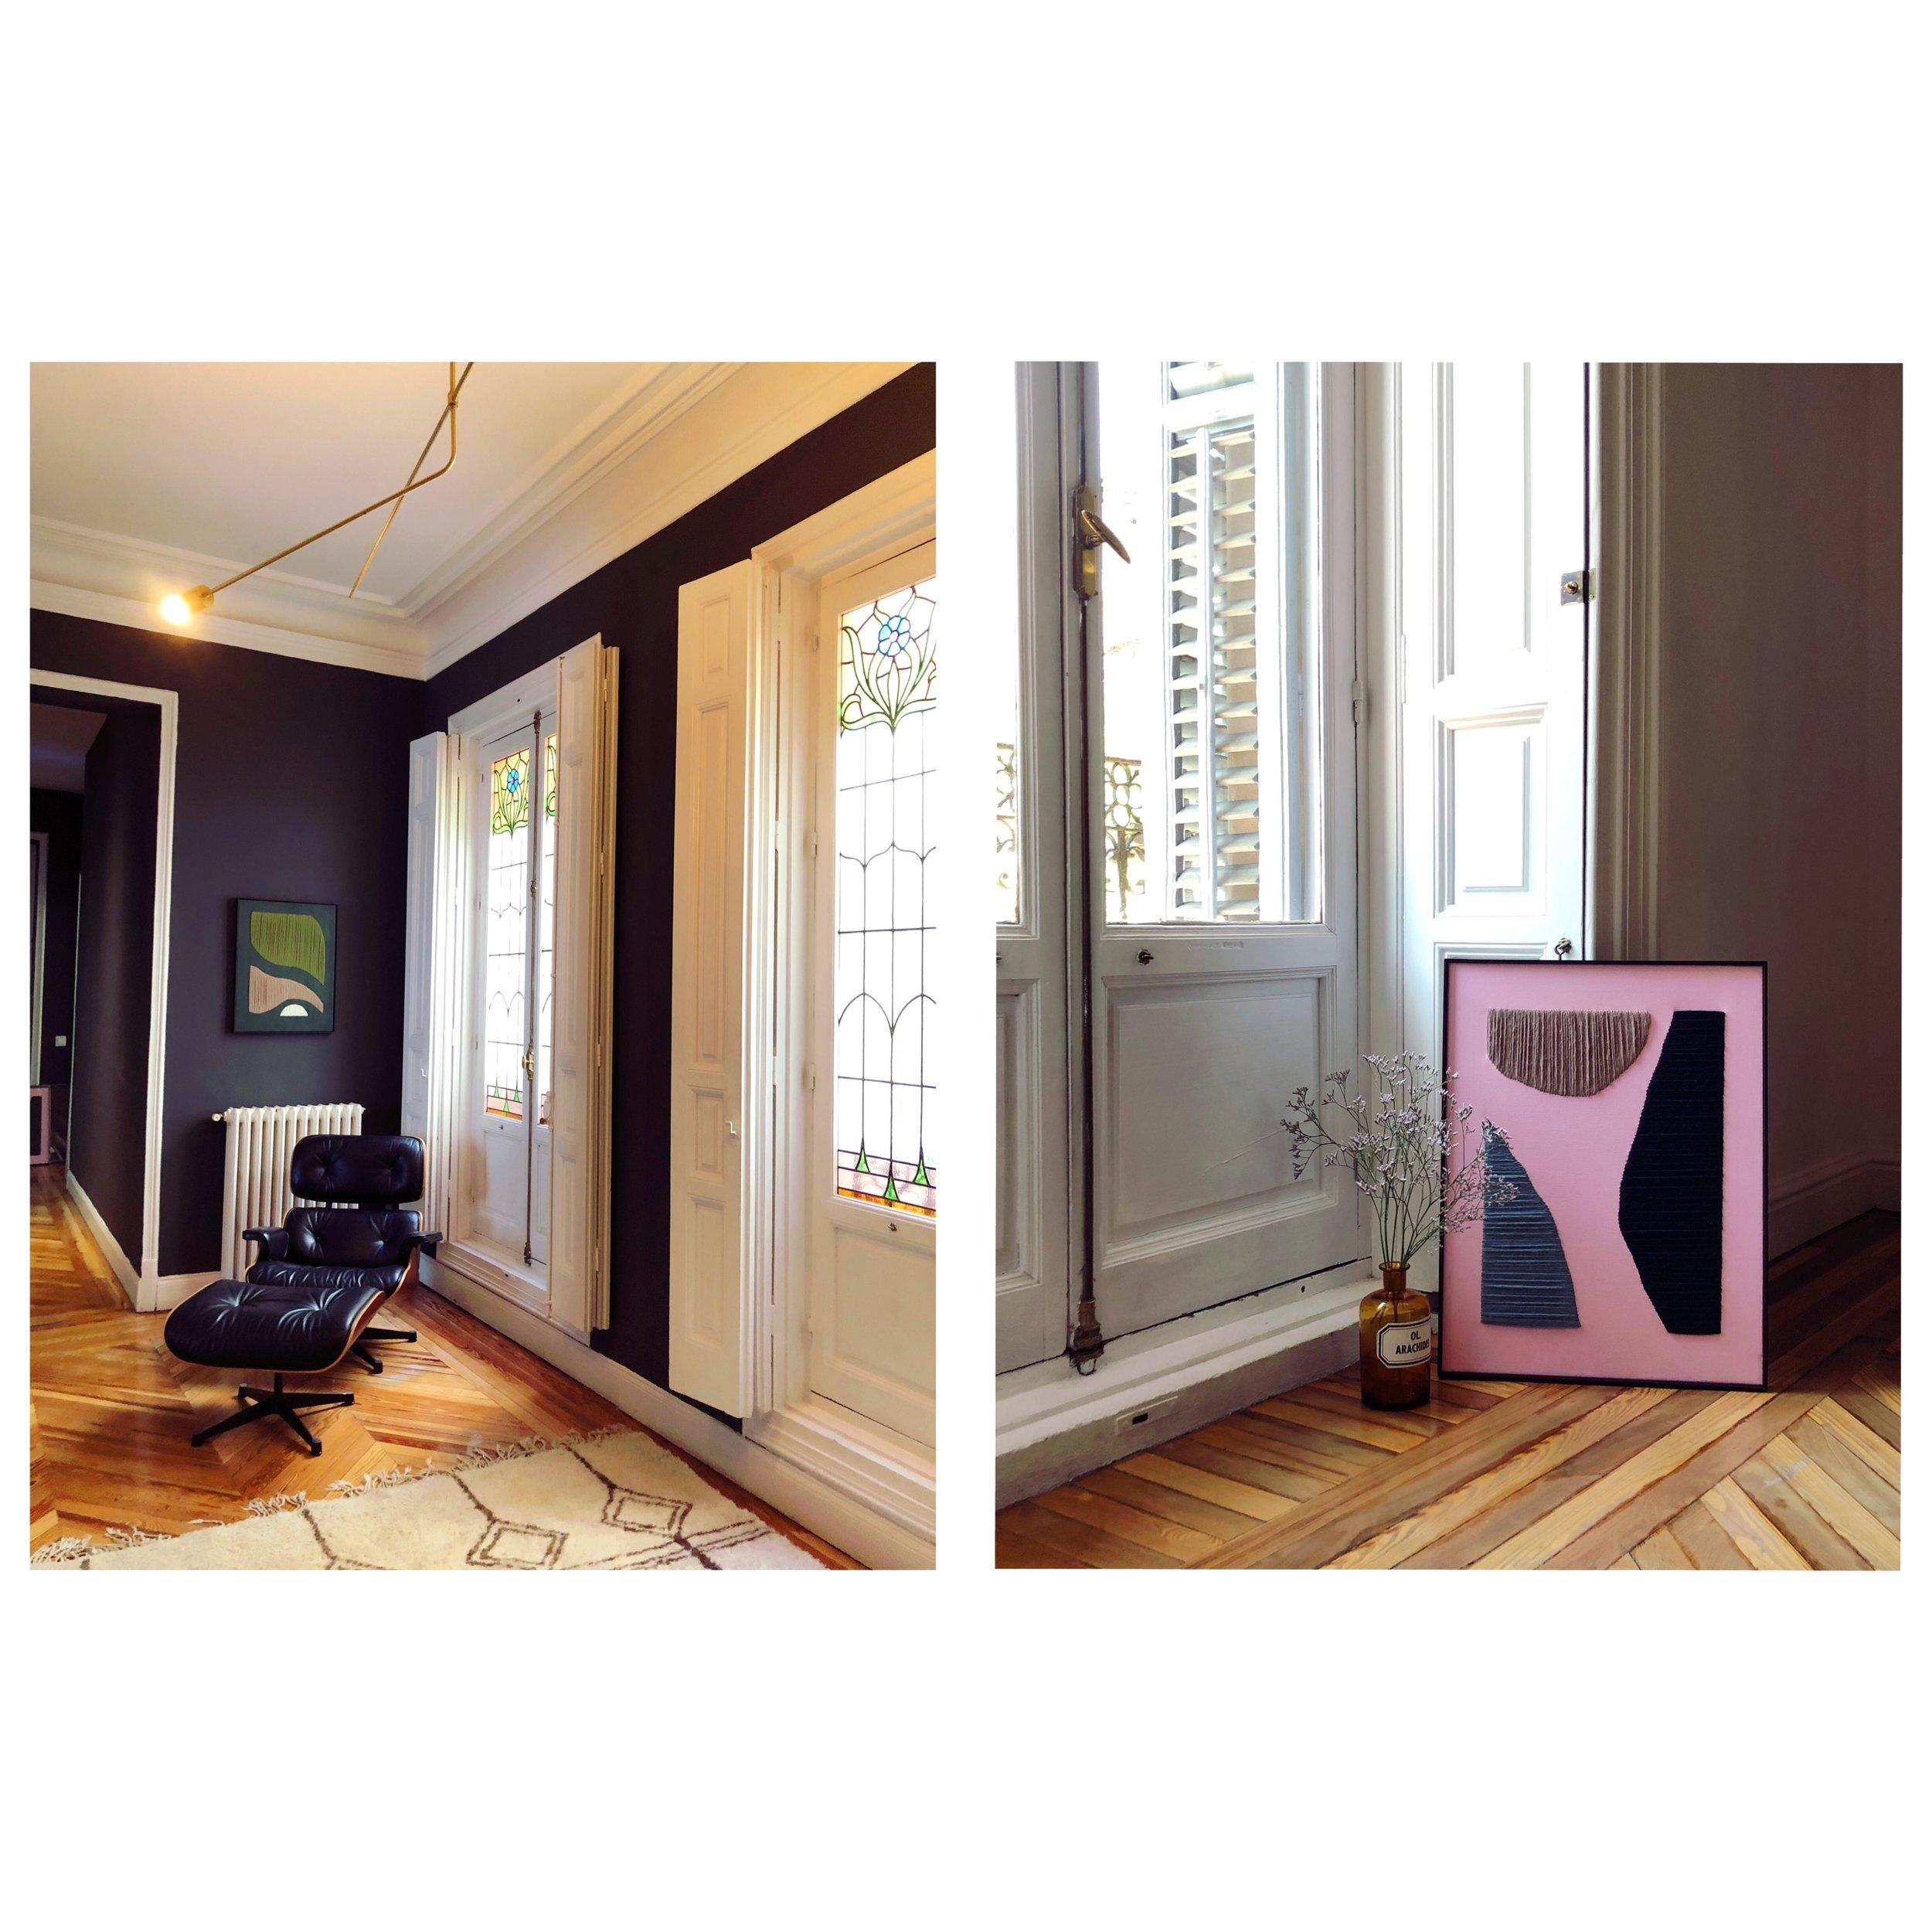 Kanica x Wilo & Grove, Paris Spring Pop Up